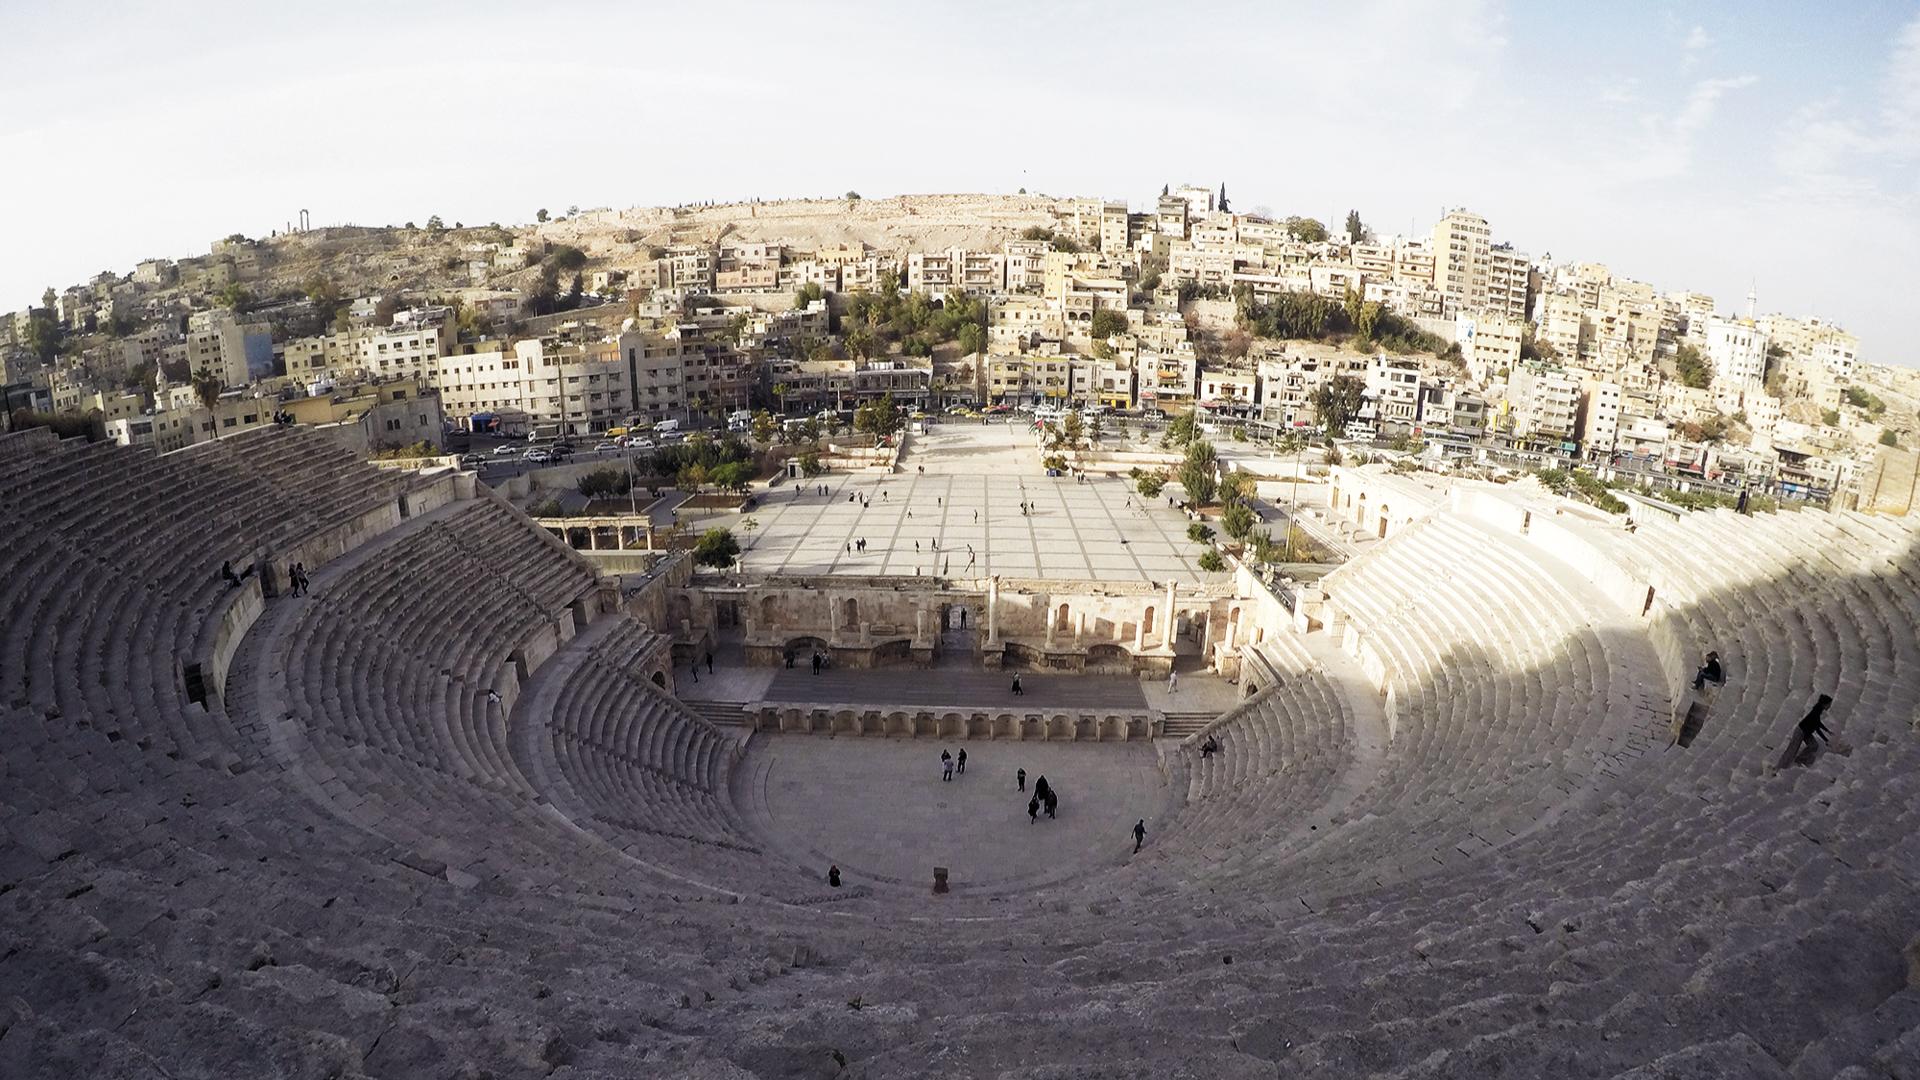 romeins theater amman jordanie2